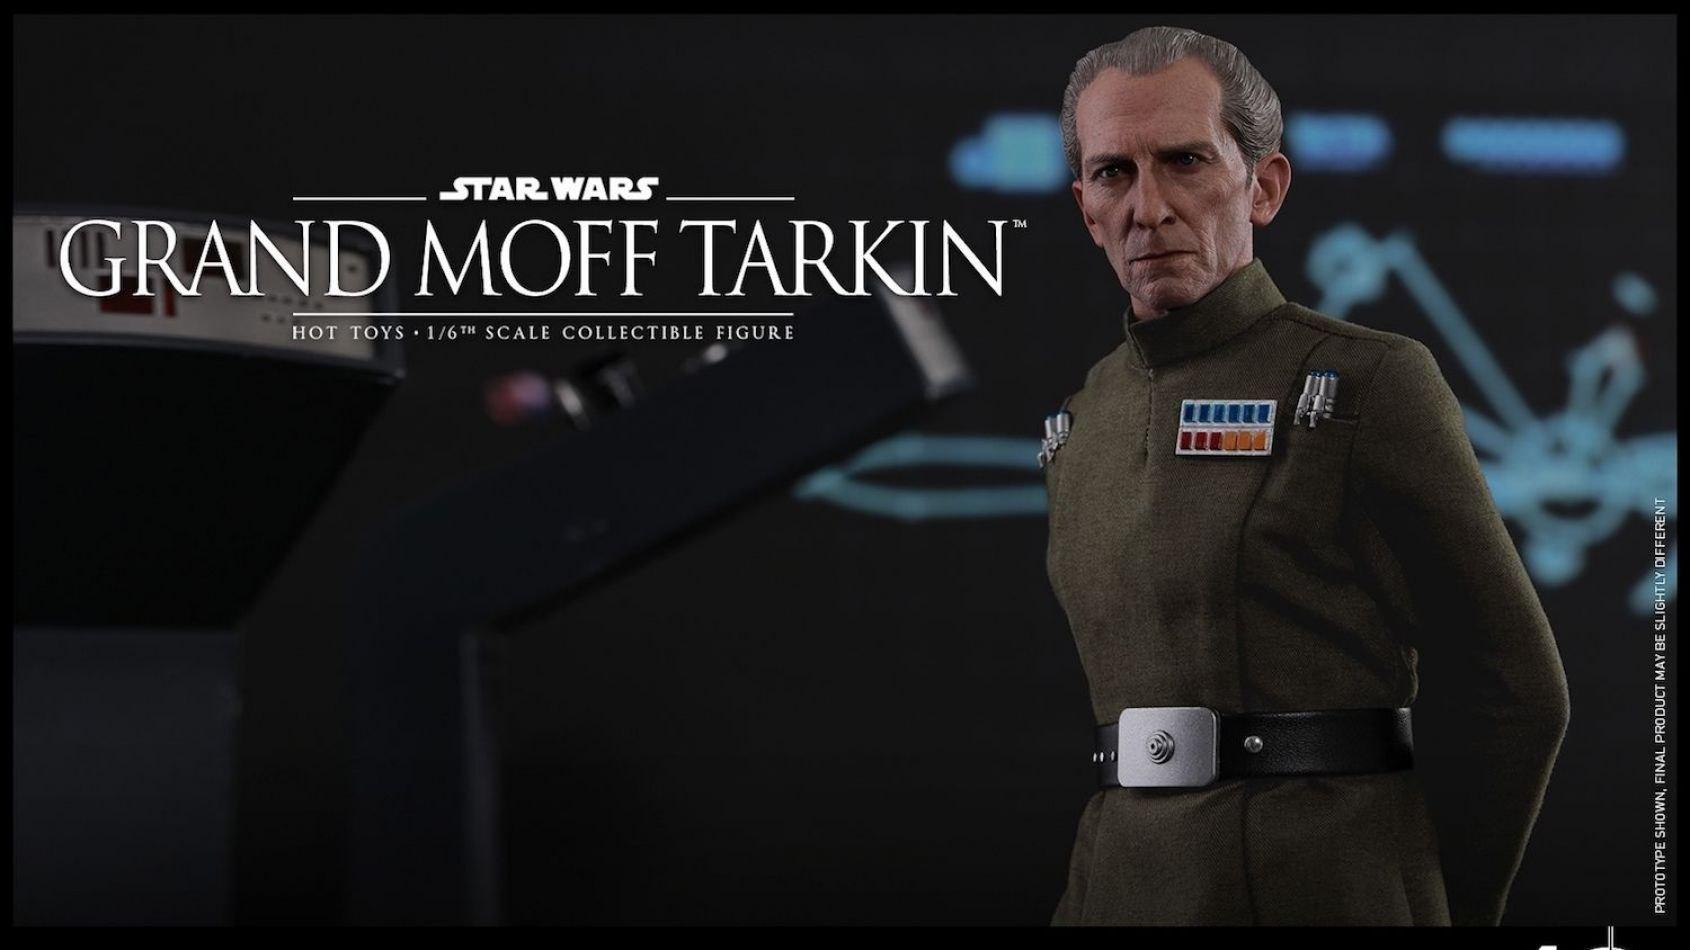 (MAJ) Hot Toys: enfin des infos et images de la figurine de Tarkin